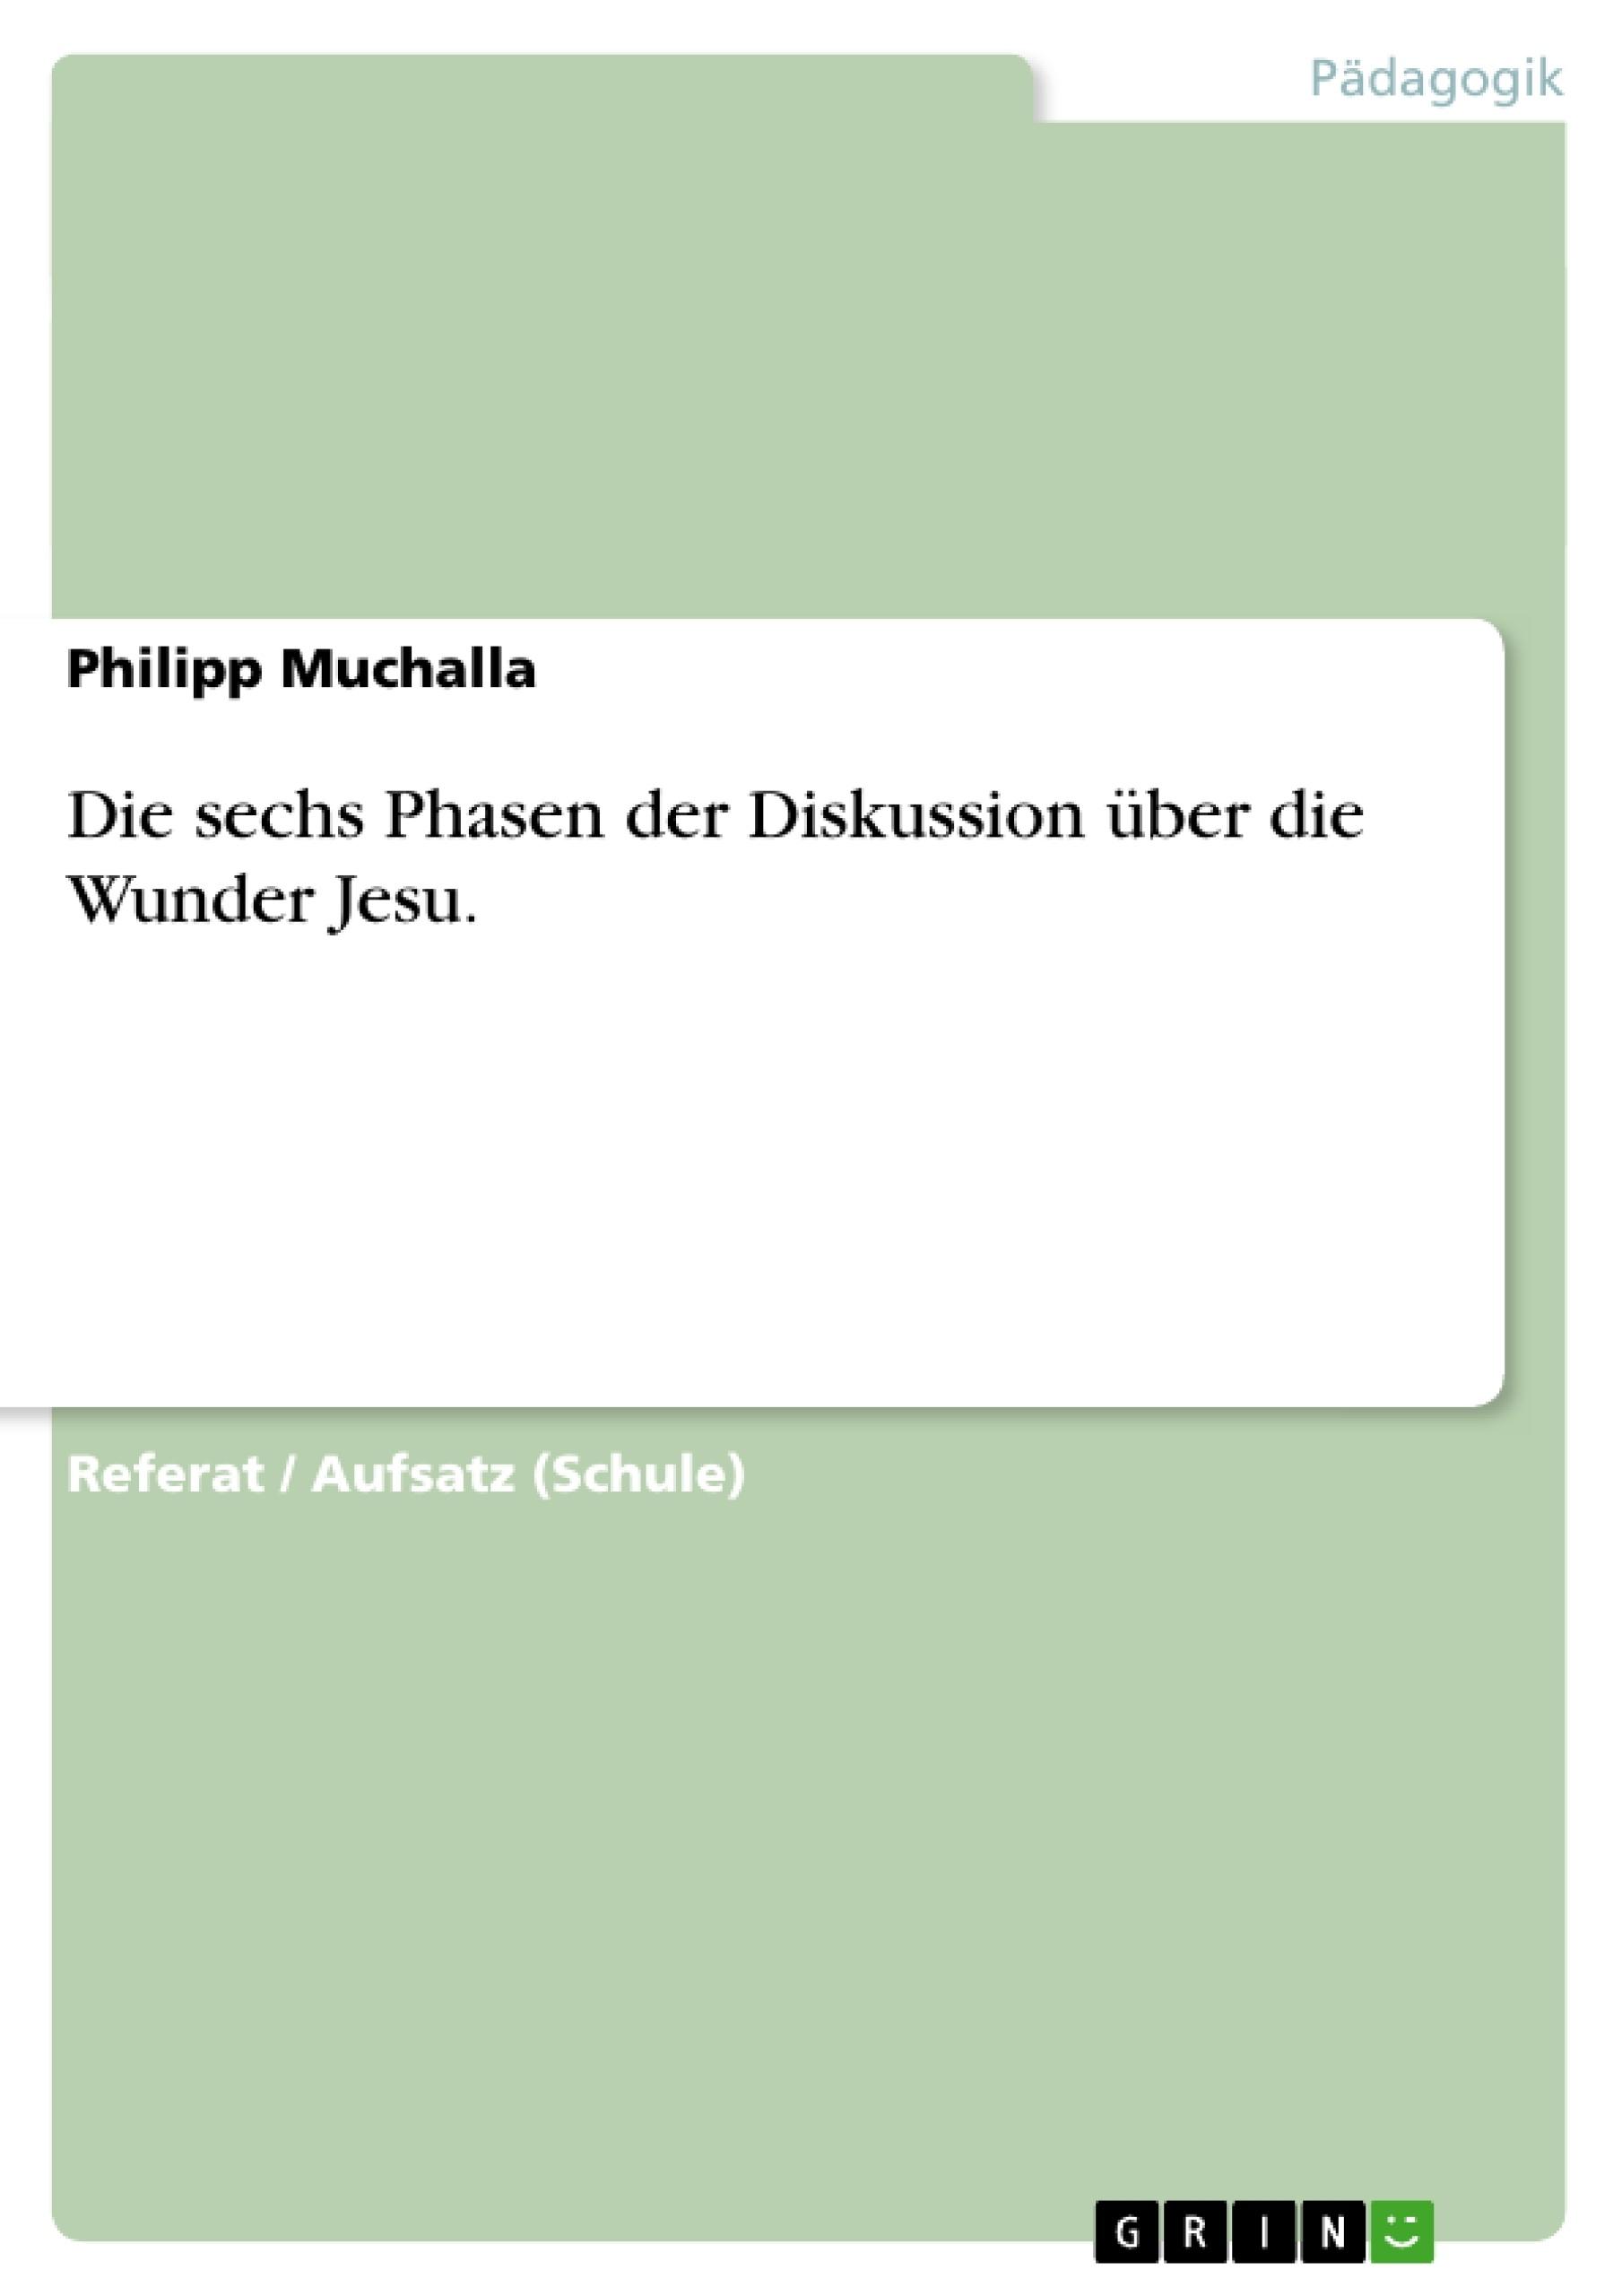 Titel: Die sechs Phasen der Diskussion über die Wunder Jesu.